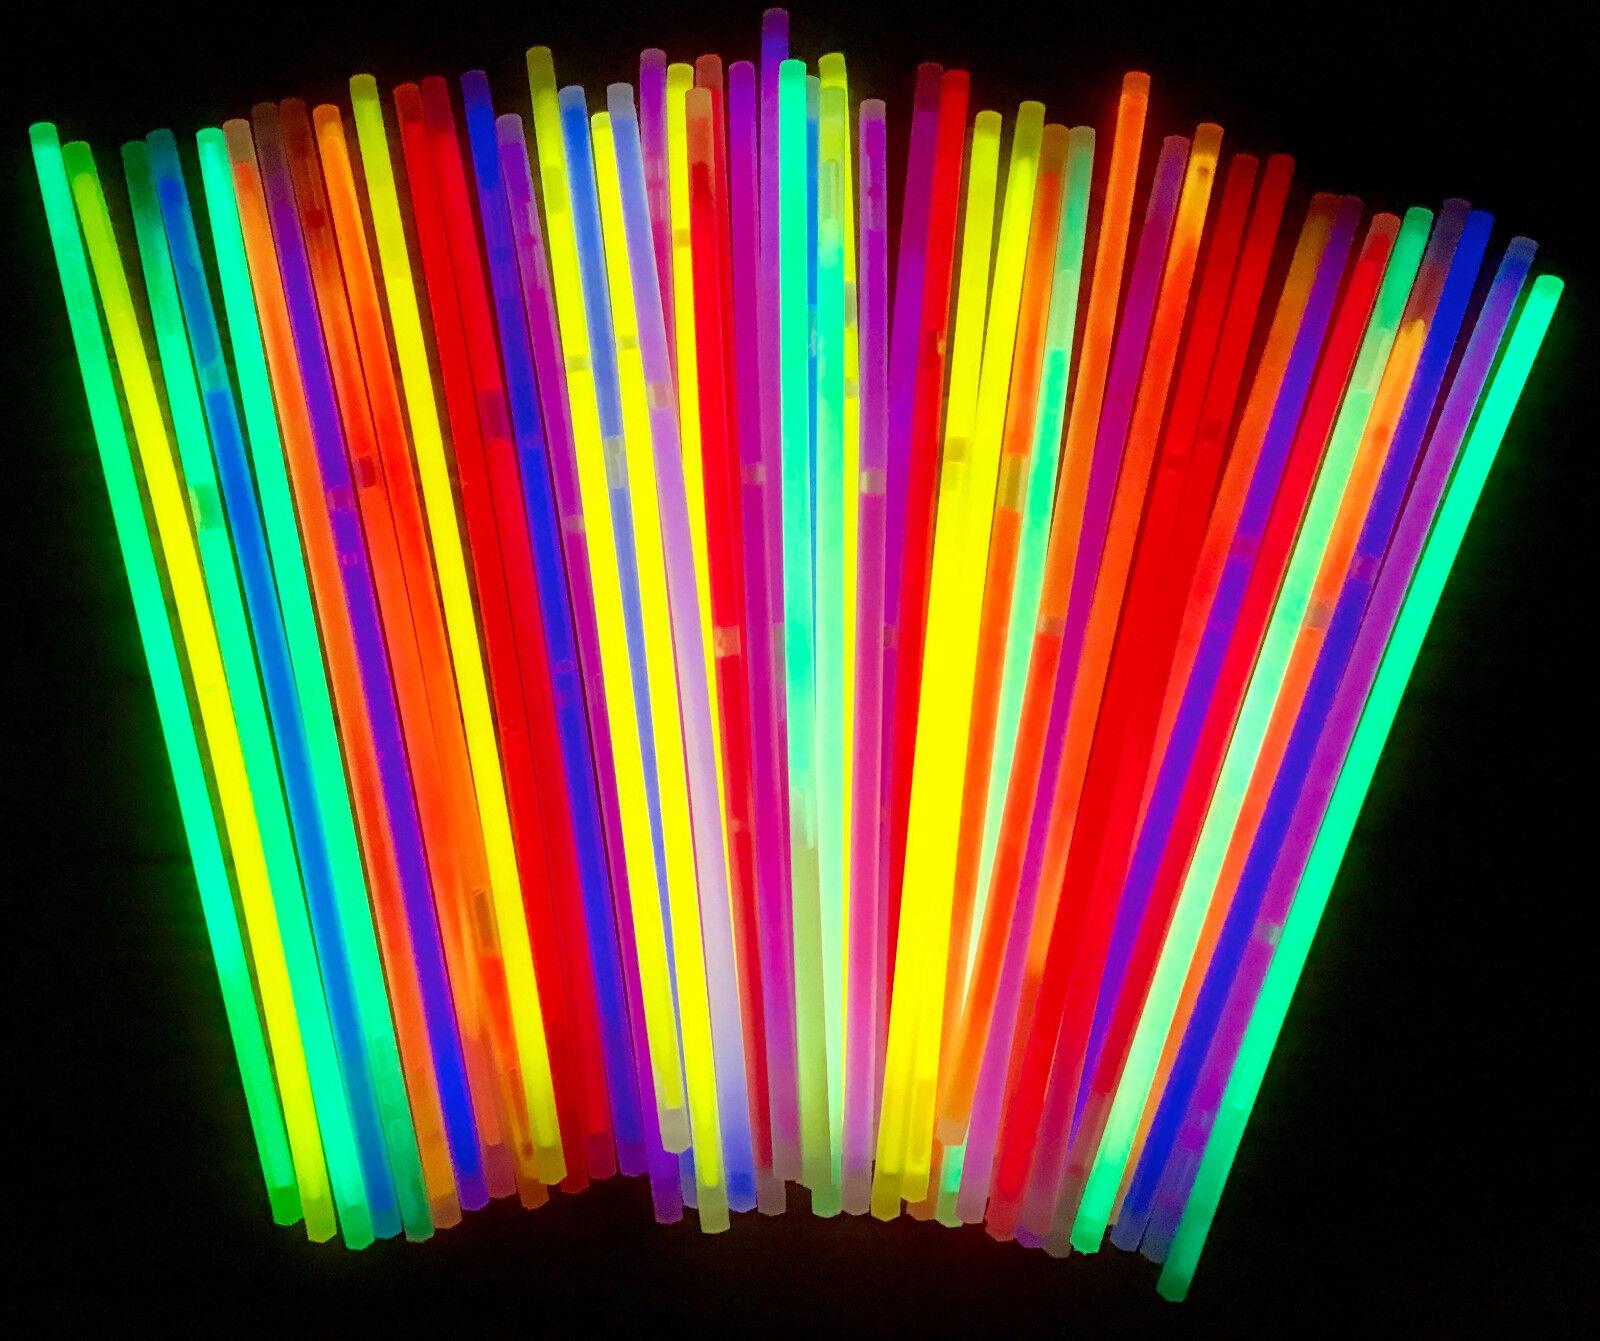 25x Knicklichter, Leuchtstäbe, 3D Armreifen, Glowstick, Party, Lichter, Neon